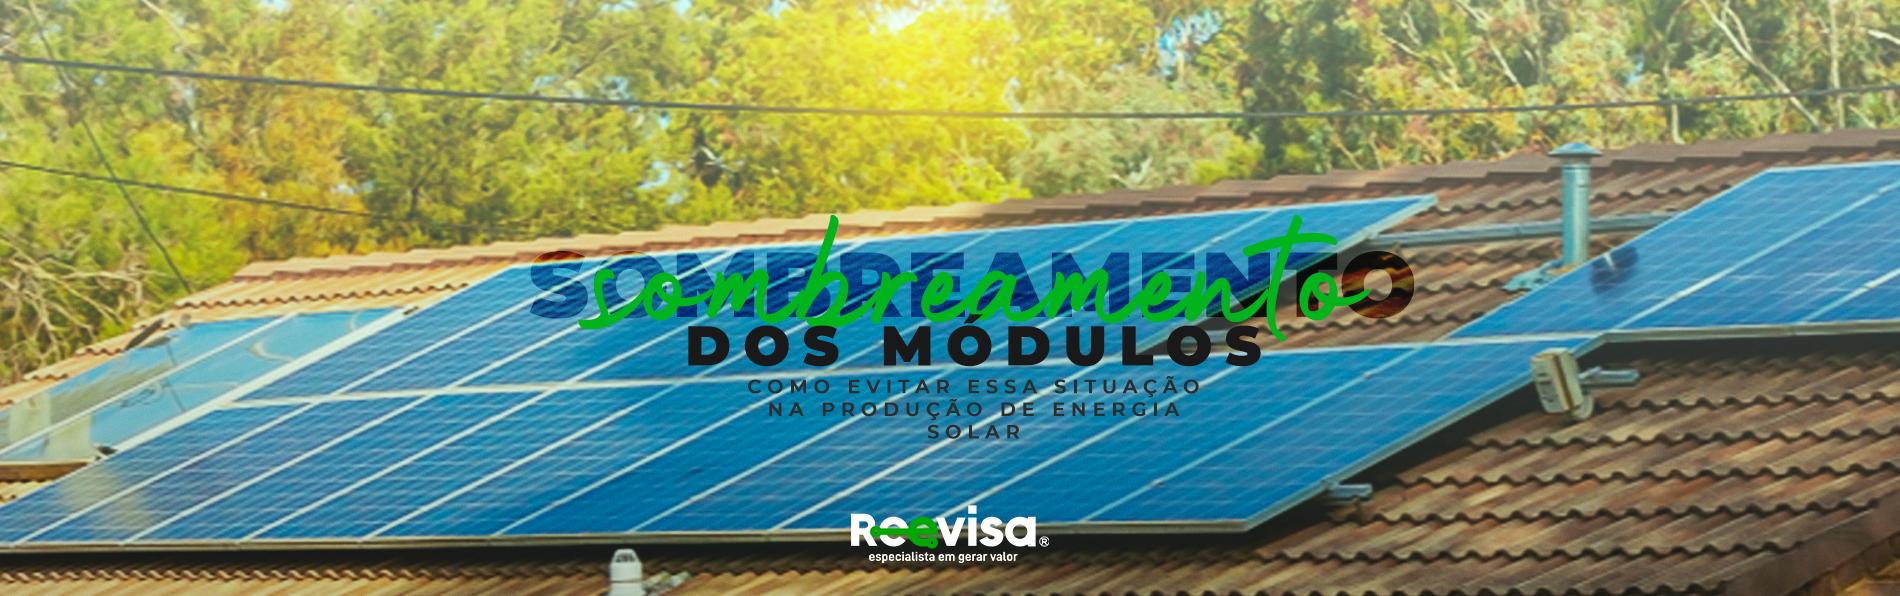 Energia solar no Brasil: como evitar o sombreamento dos painéis